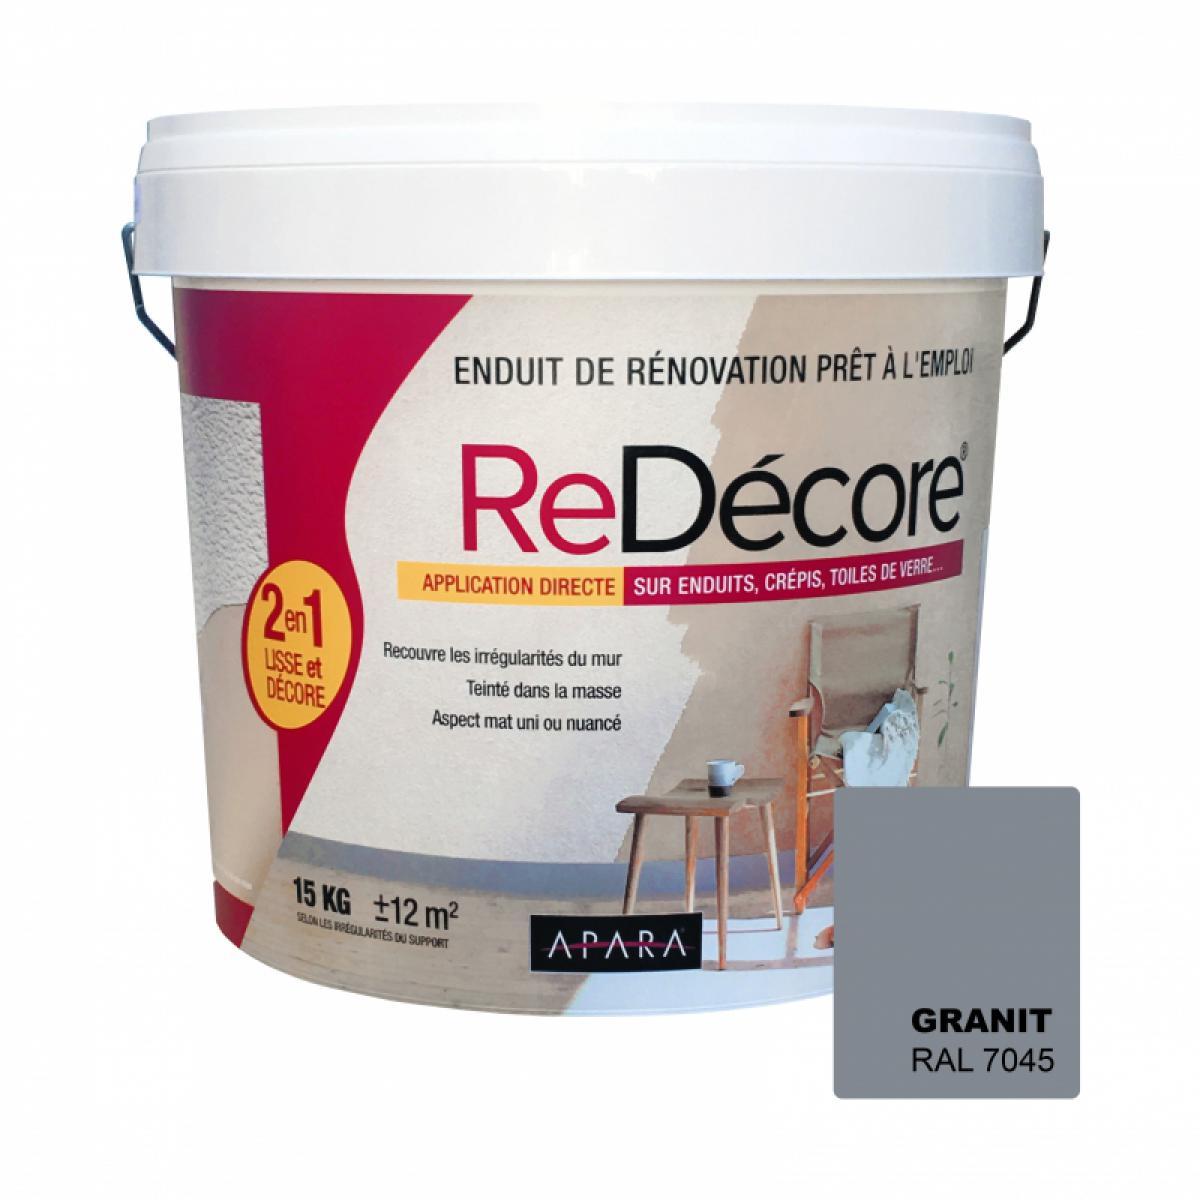 Apara Enduit décoratif, rénovation rapide, 2 en 1, lisse et décore sur plâtre, peintures, crépis, fibres, toile de verre-10 x